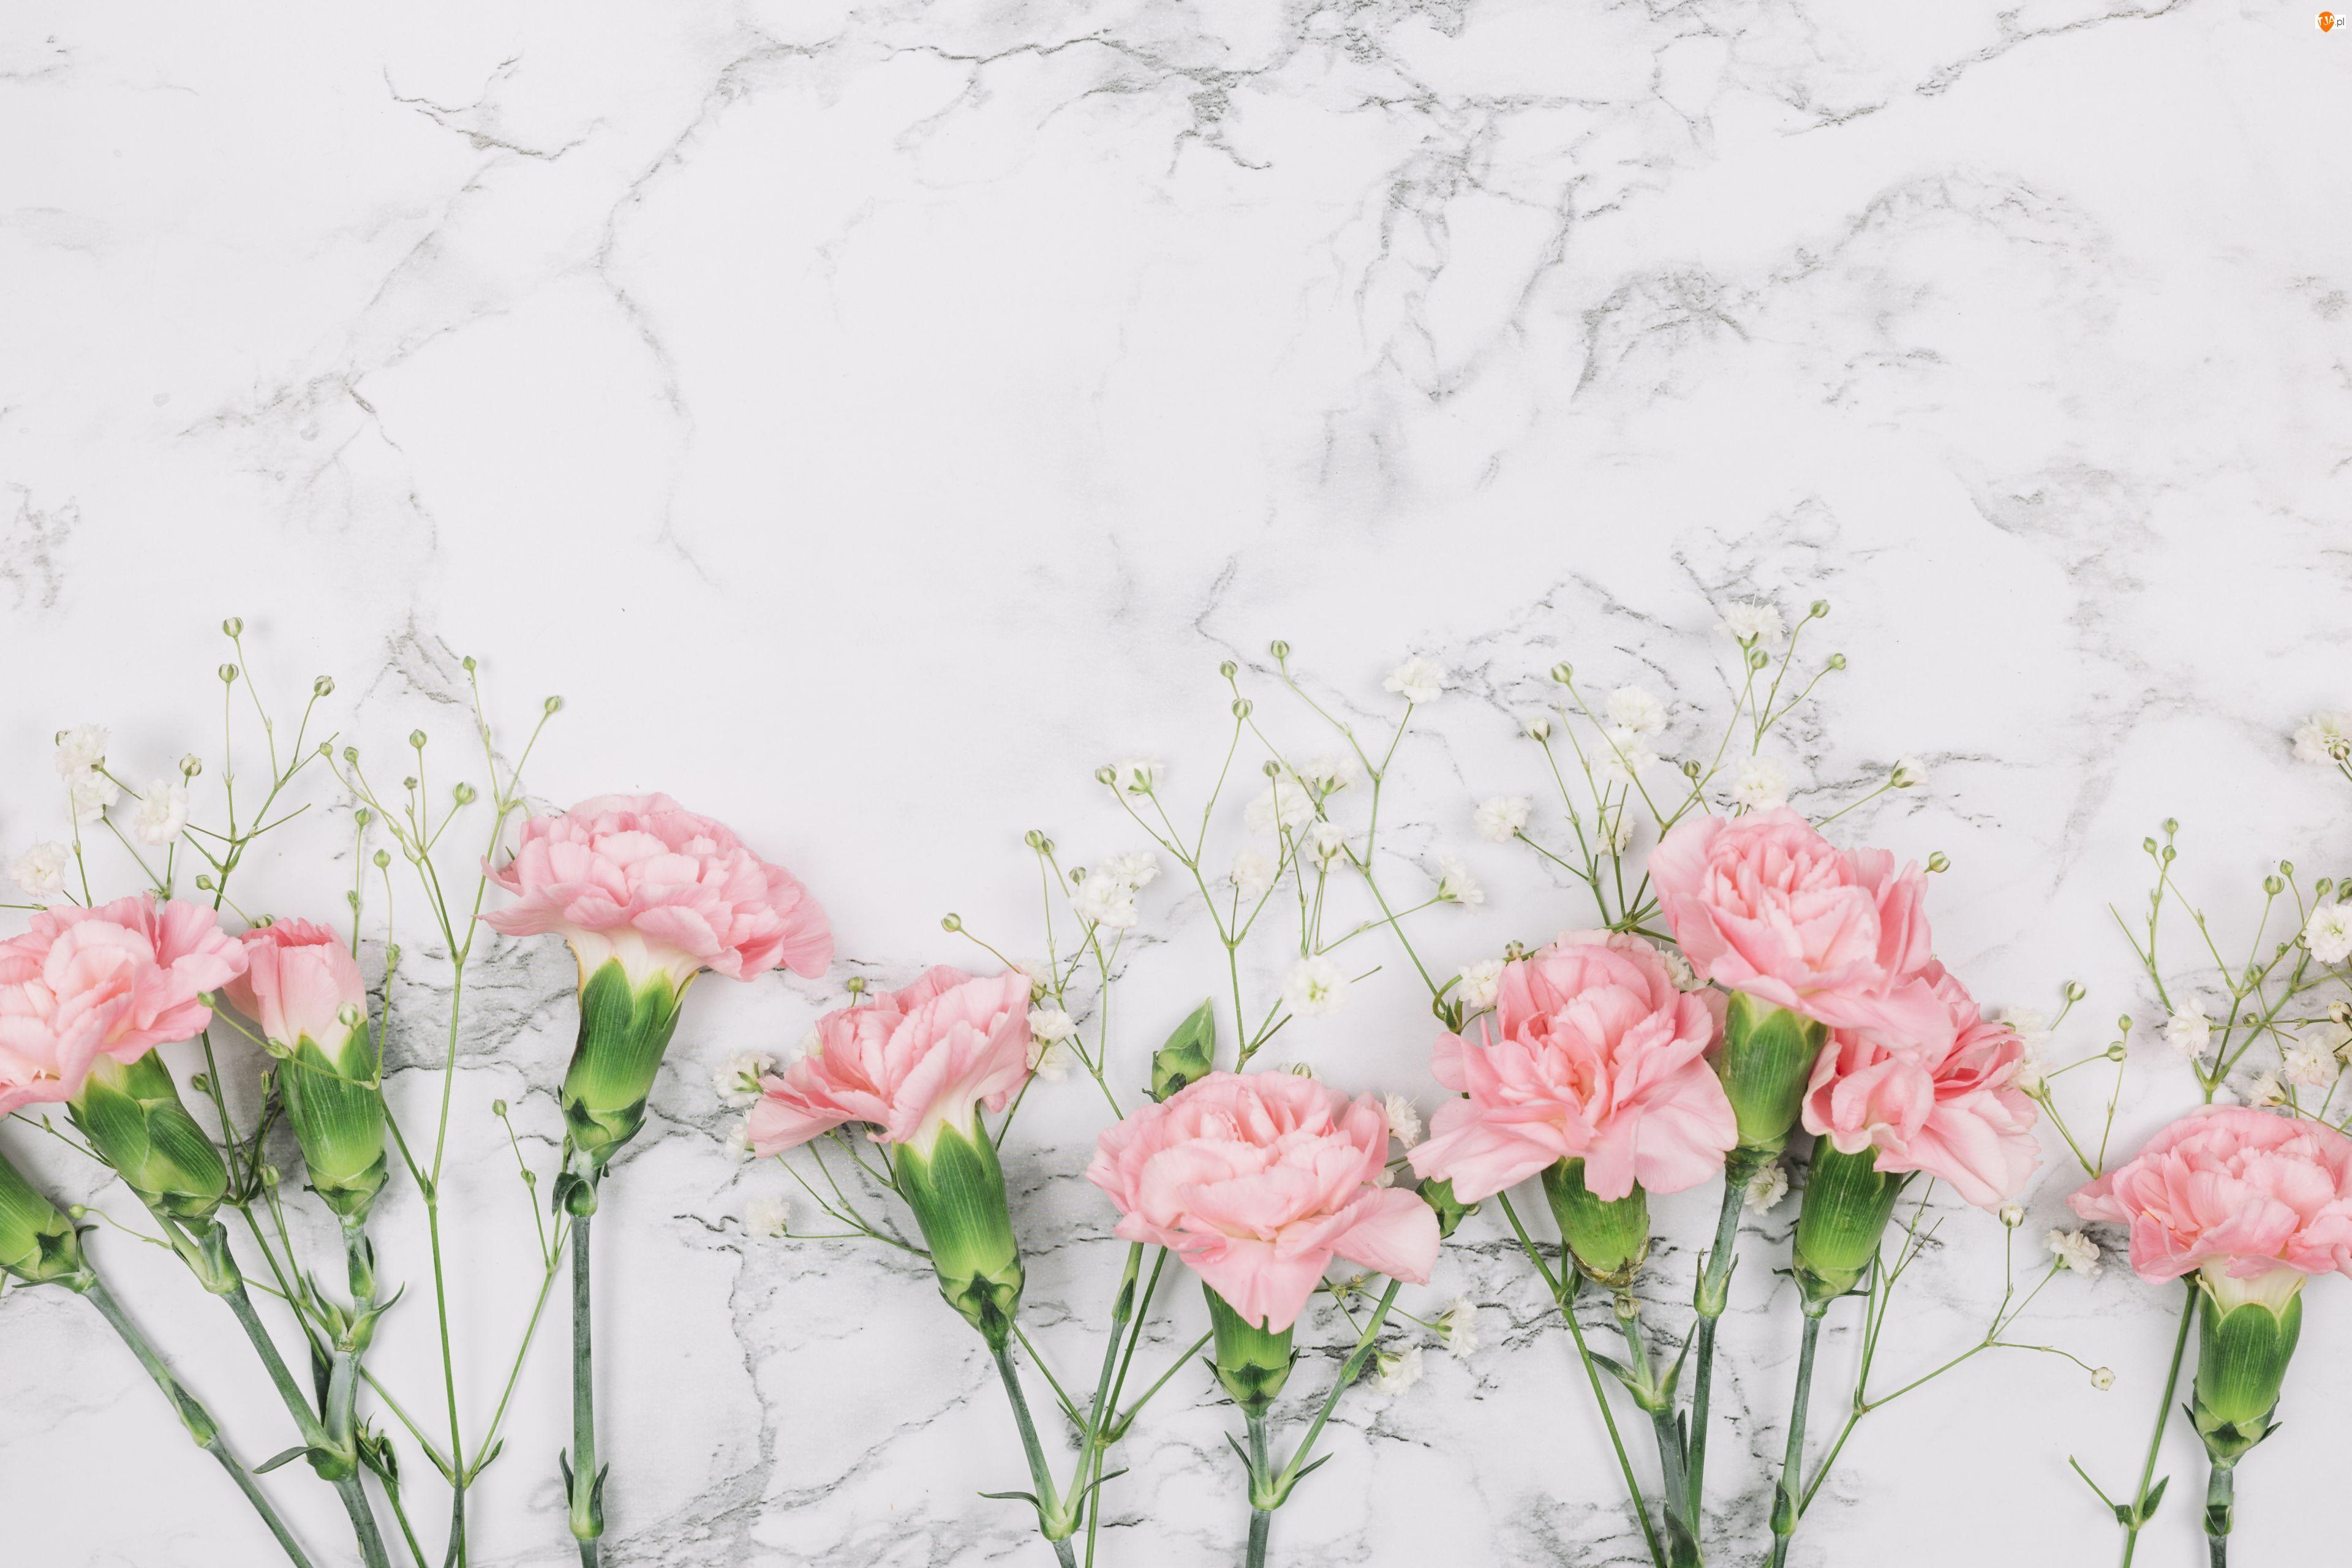 Goździki, Marmurkowe, Różowe, Kwity, Tło